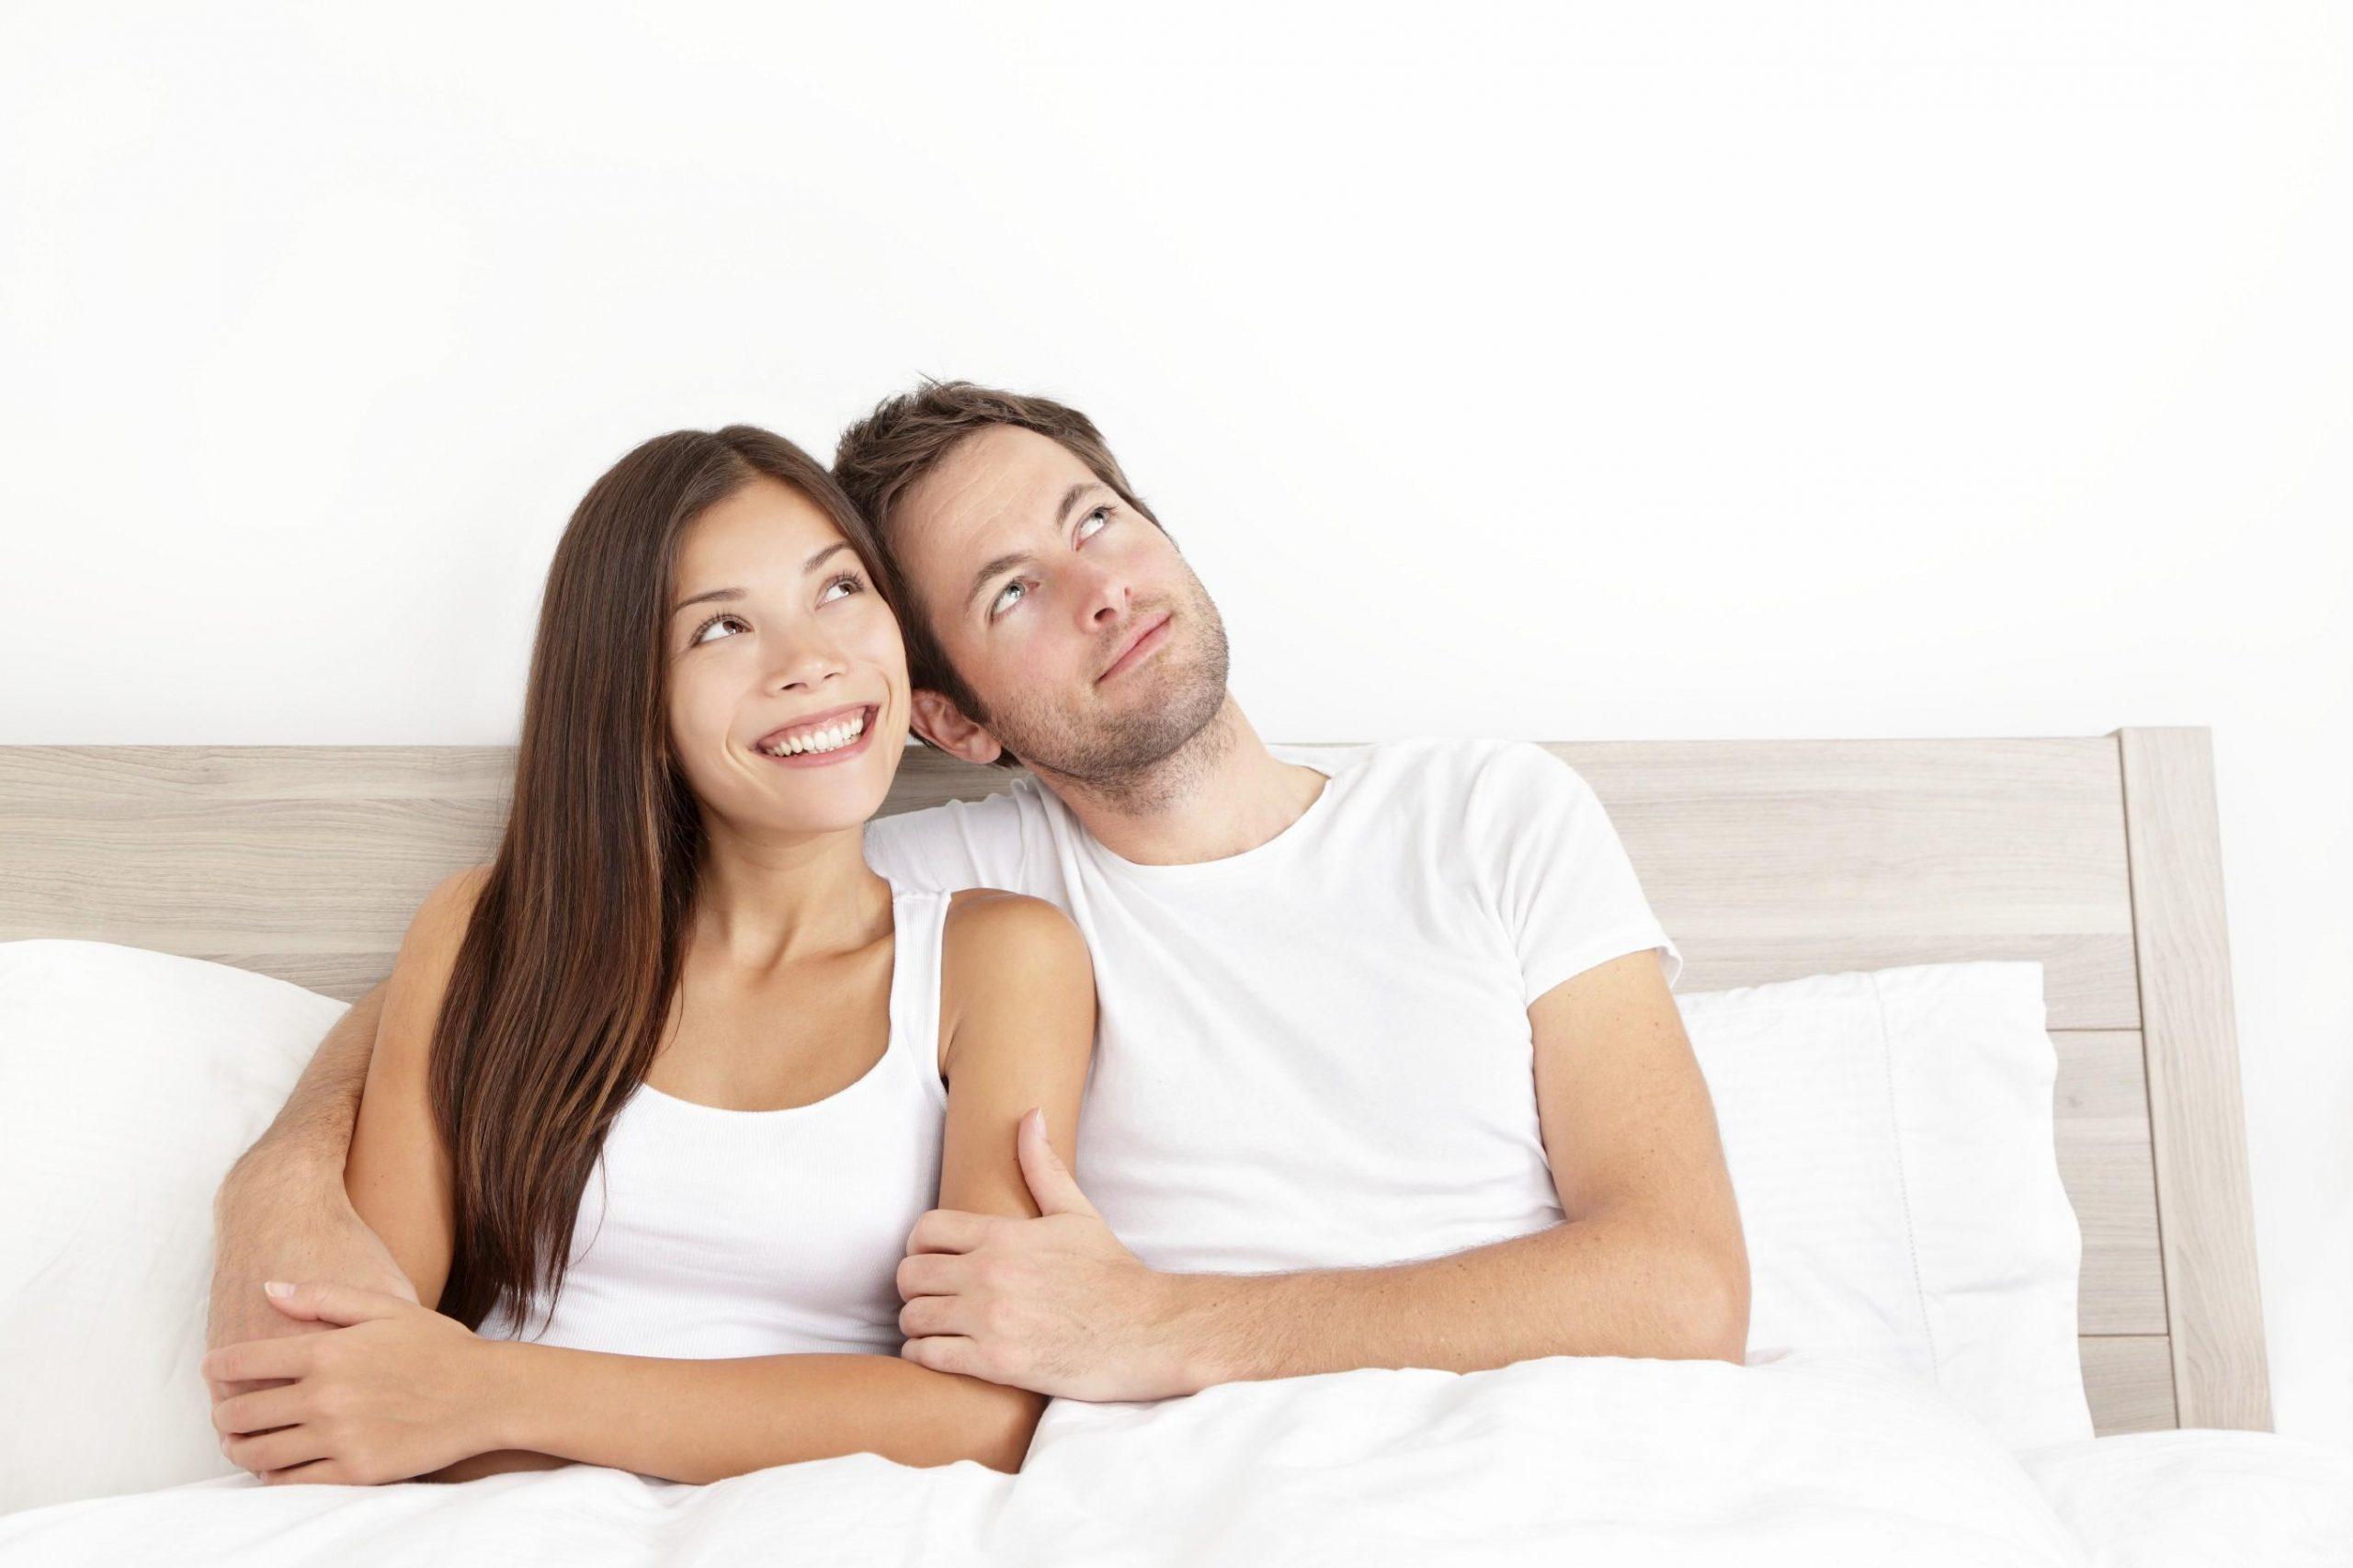 فيردينوديب Verdenodeb لعلاج الاضرابات الجنسية